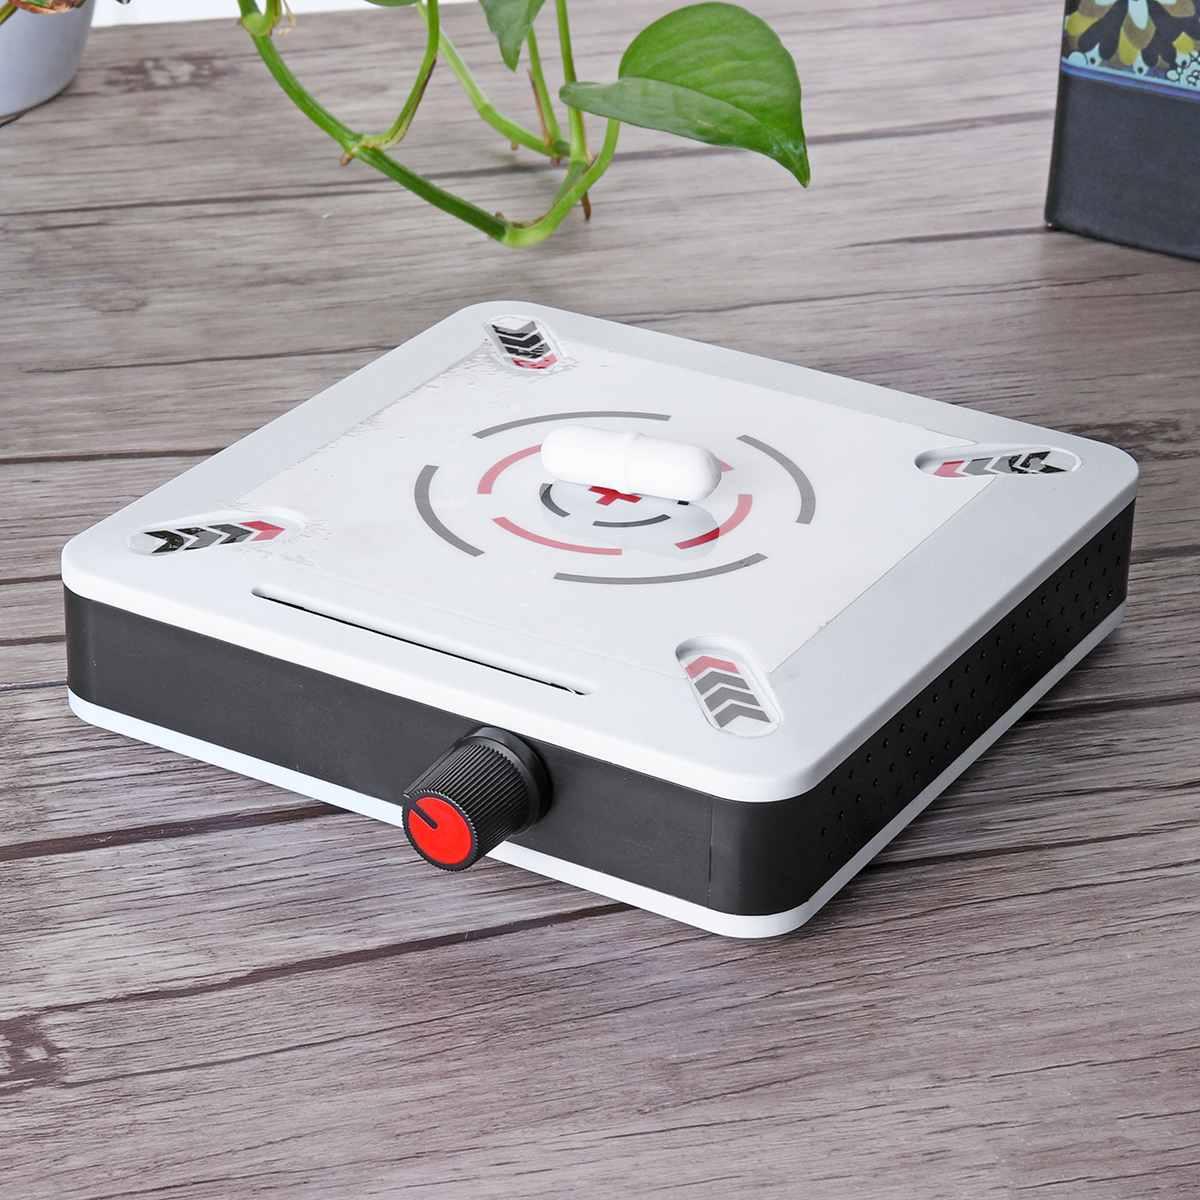 Nuevo mezclador agitador magnético de velocidad de 0-2500RPM 12V 1000 mL, mezclador químico magnético, mezclador de laboratorio para el hogar, equipo de licuadora